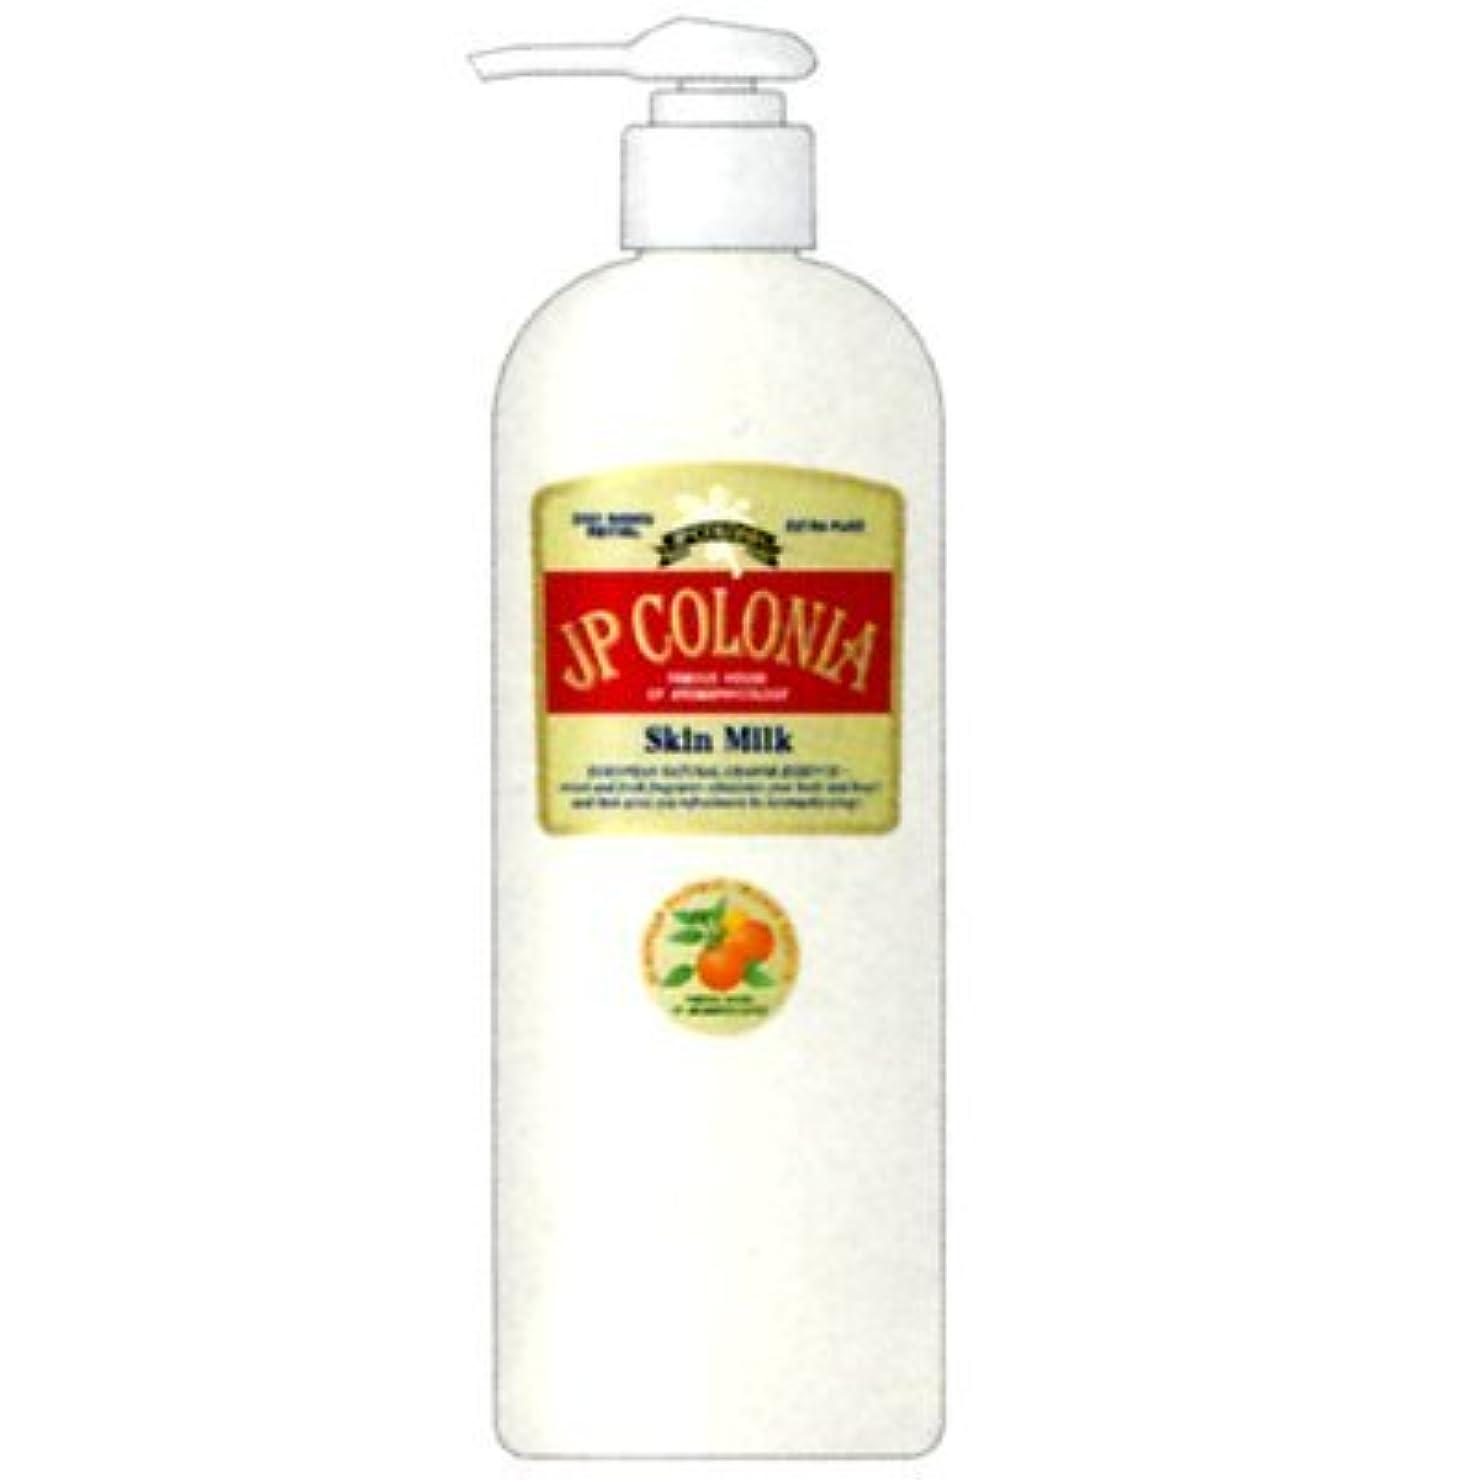 アベニュー単位洗うJPコロニア スキンミルク(ポンプ)EX 500ml 業務用